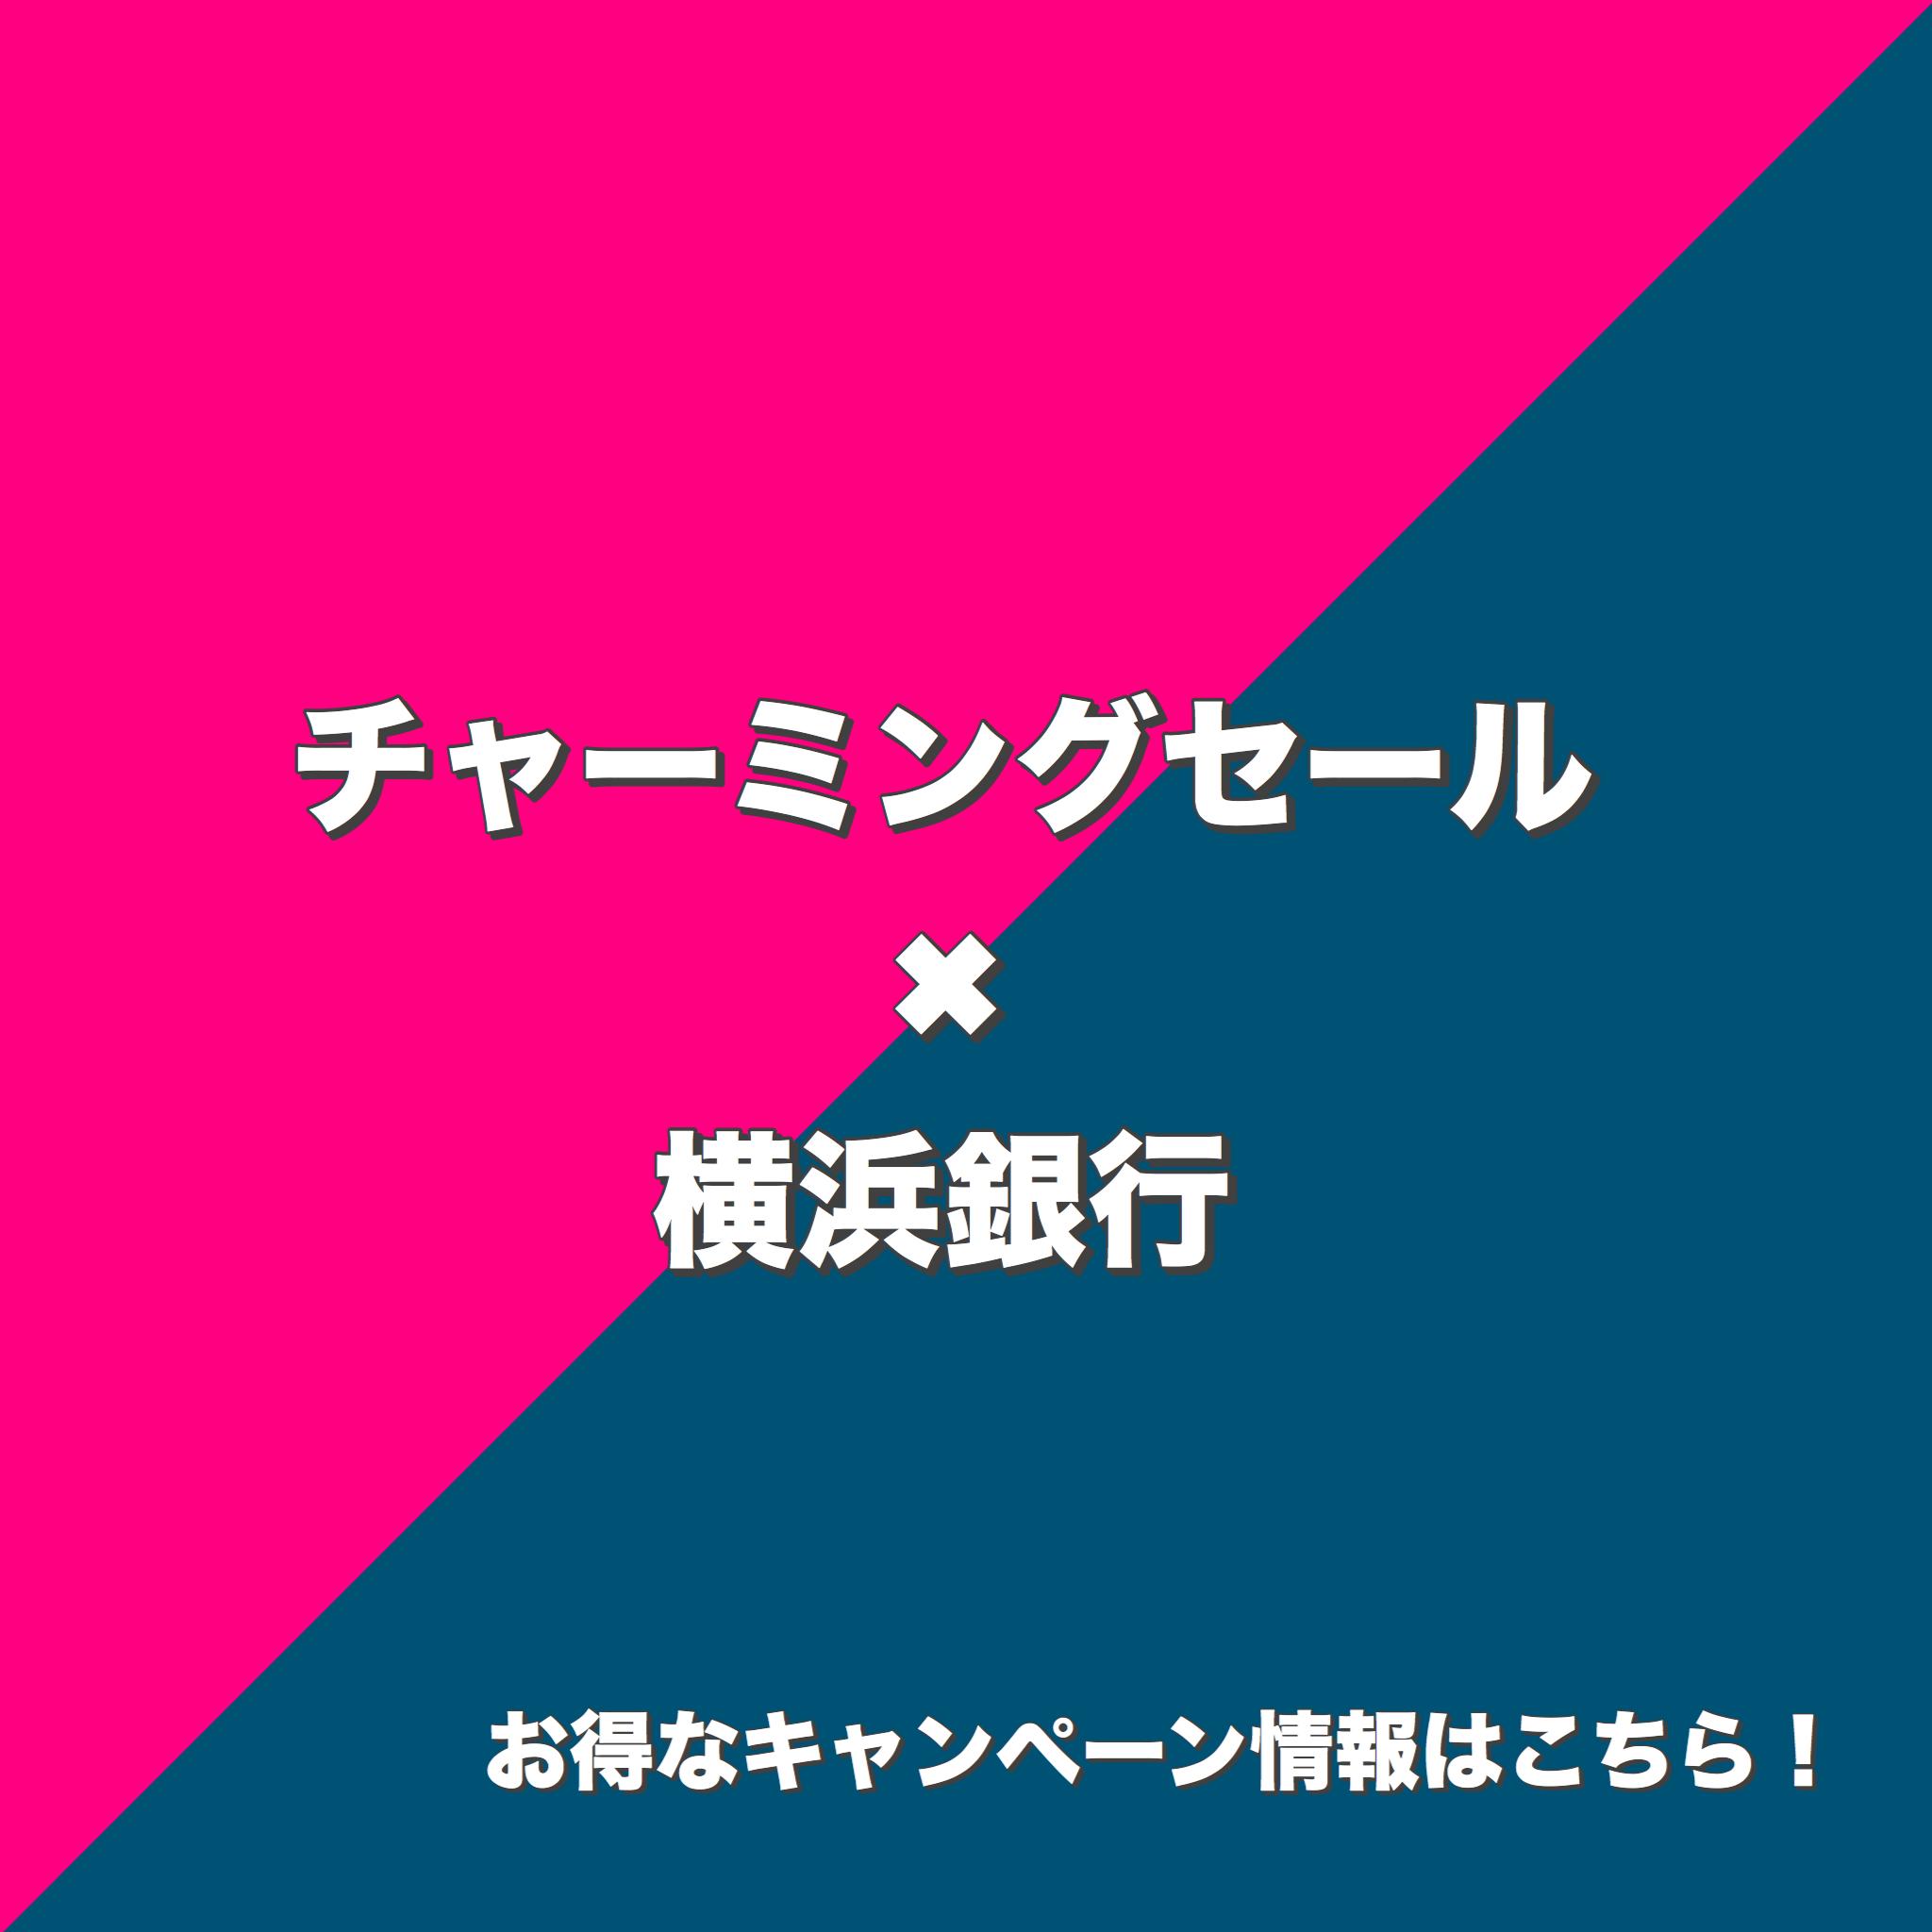 横浜バンクカードお得情報